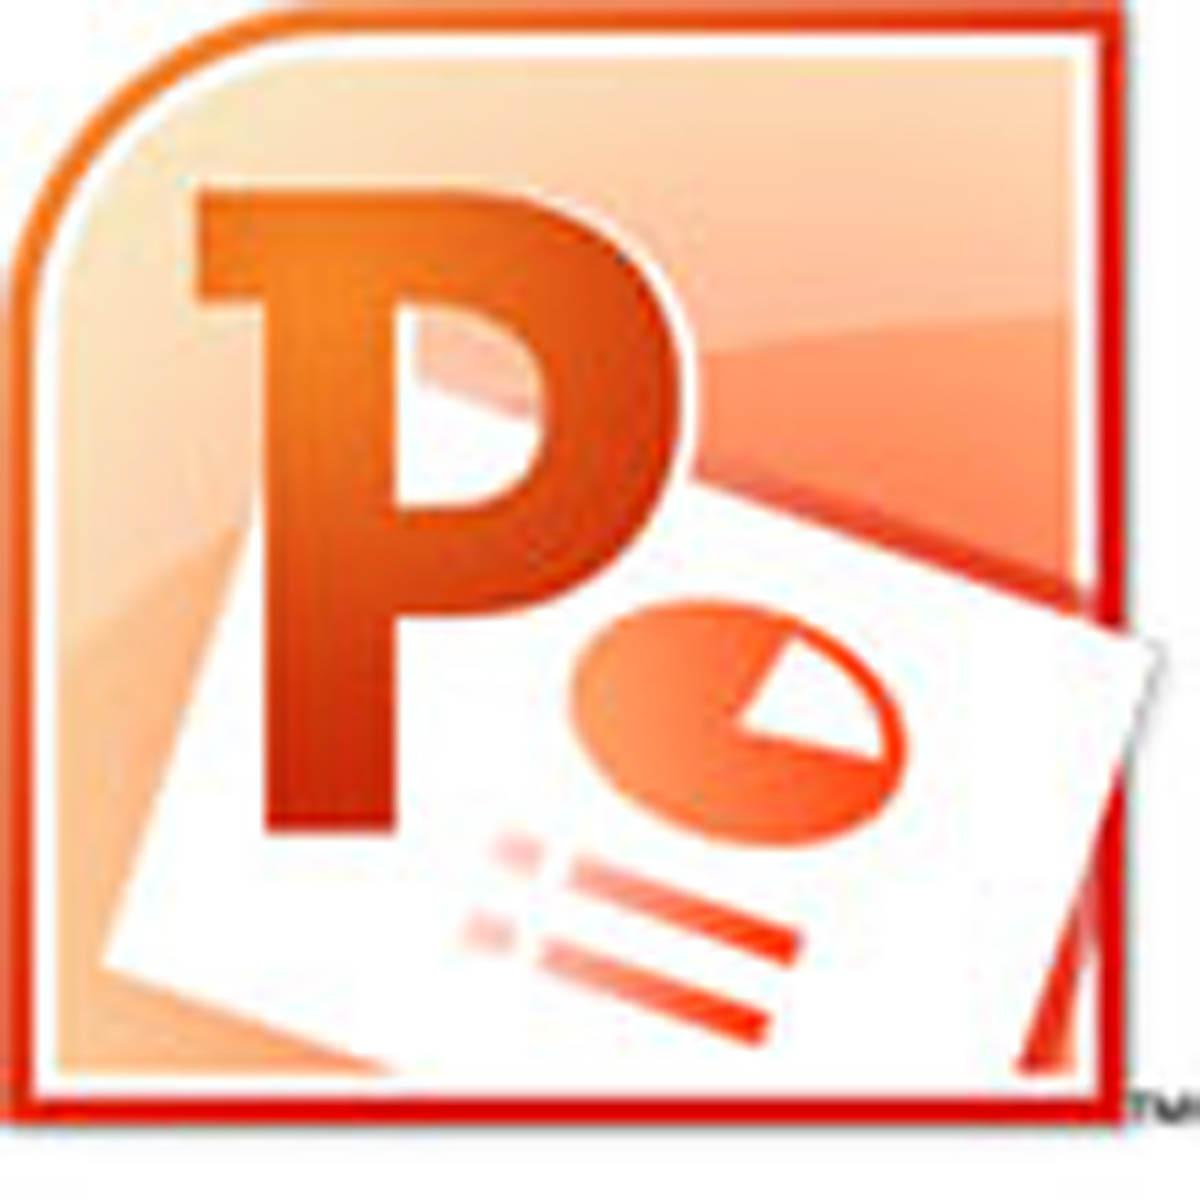 Manual de Power point 2007 esta hecho en formato PDF totalmente en español  con imágenes para todo aquel que quiera saber mas sobre este programa.